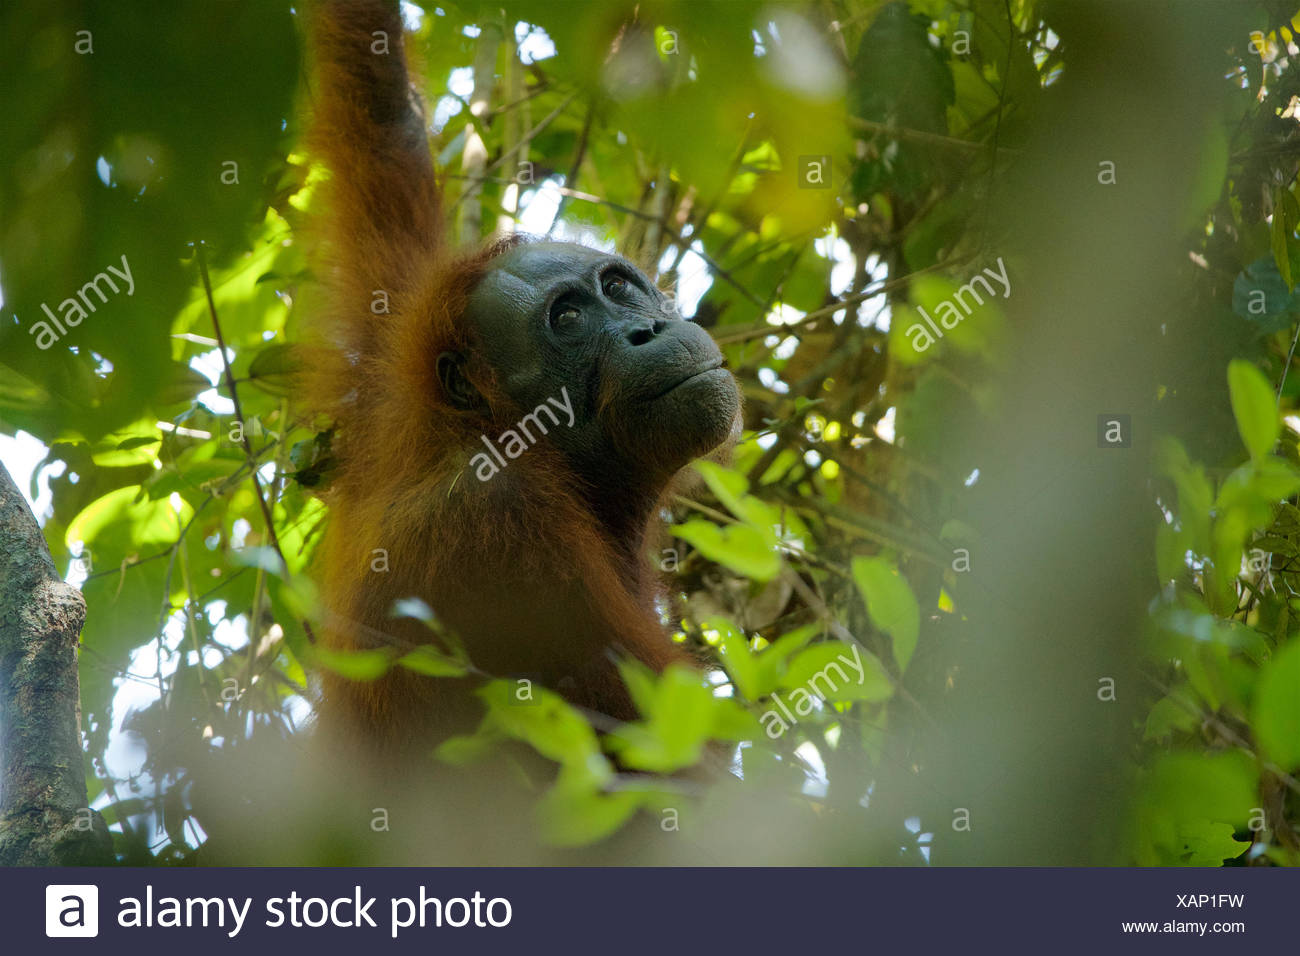 Une femelle adulte orang-outan, Pongo pygmaeus, wurmbii repose dans un arbre à Gunung Palung National Park. Banque D'Images